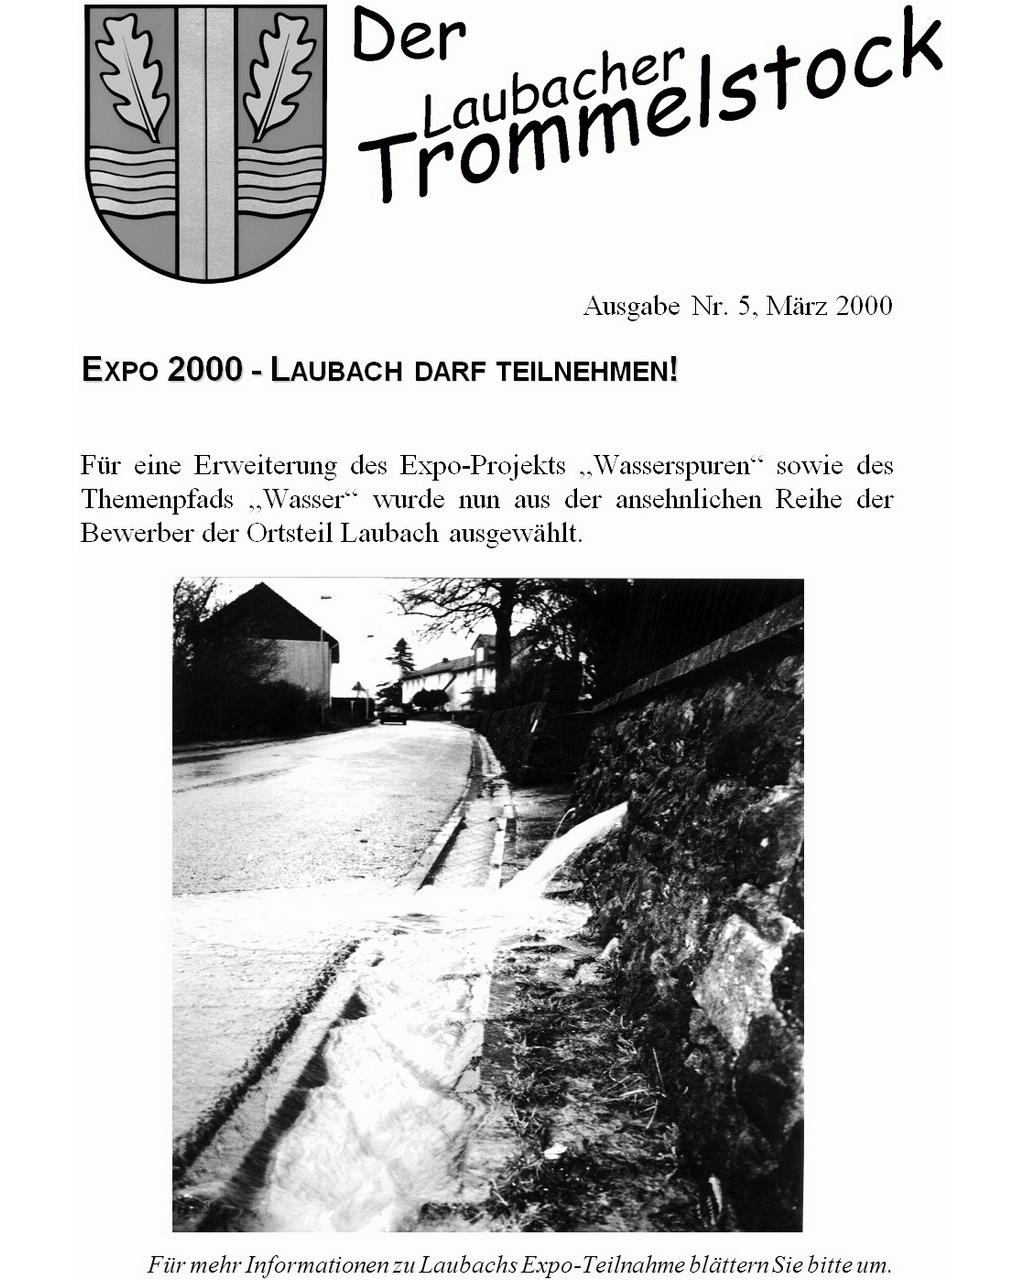 Laubacher-Trommelstock-Titelseite-005b